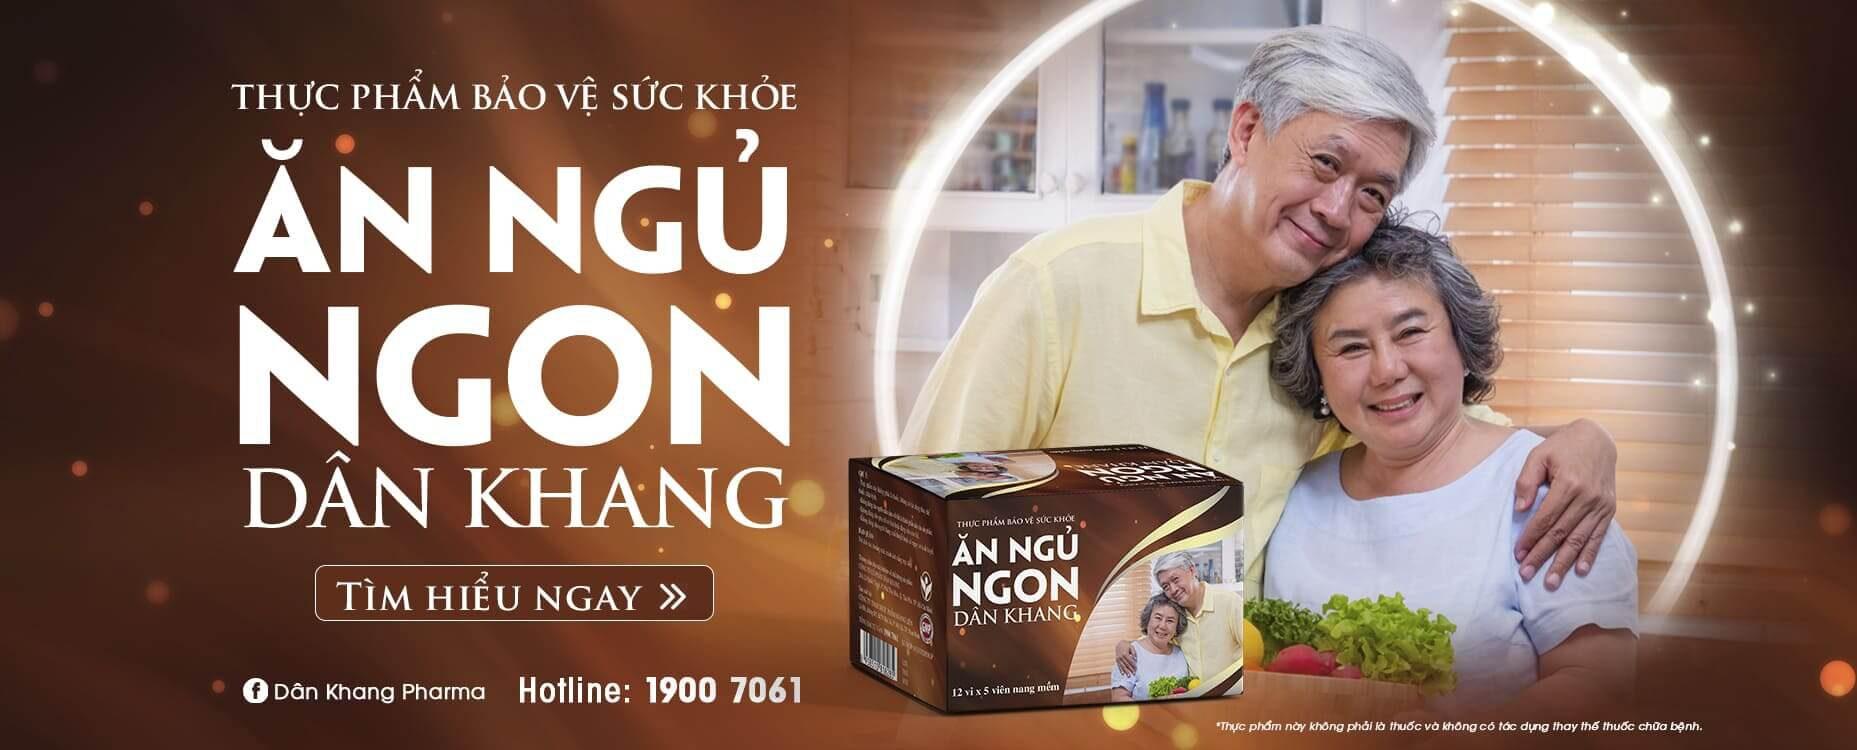 Ăn ngủ ngon Dân Khang